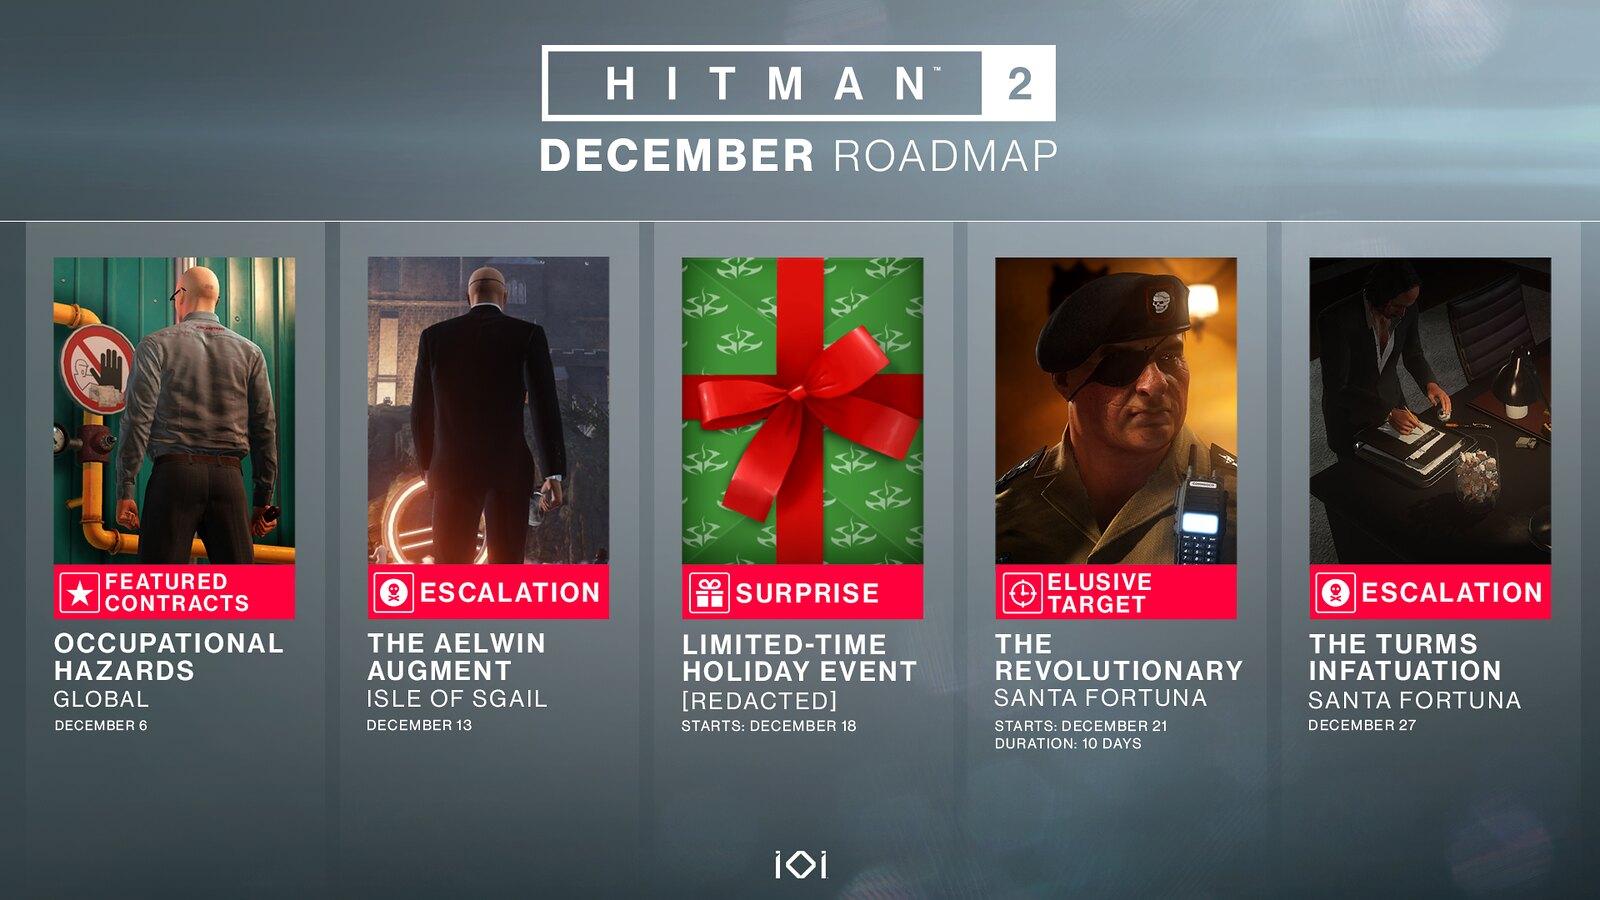 DecemberRoadmapV2